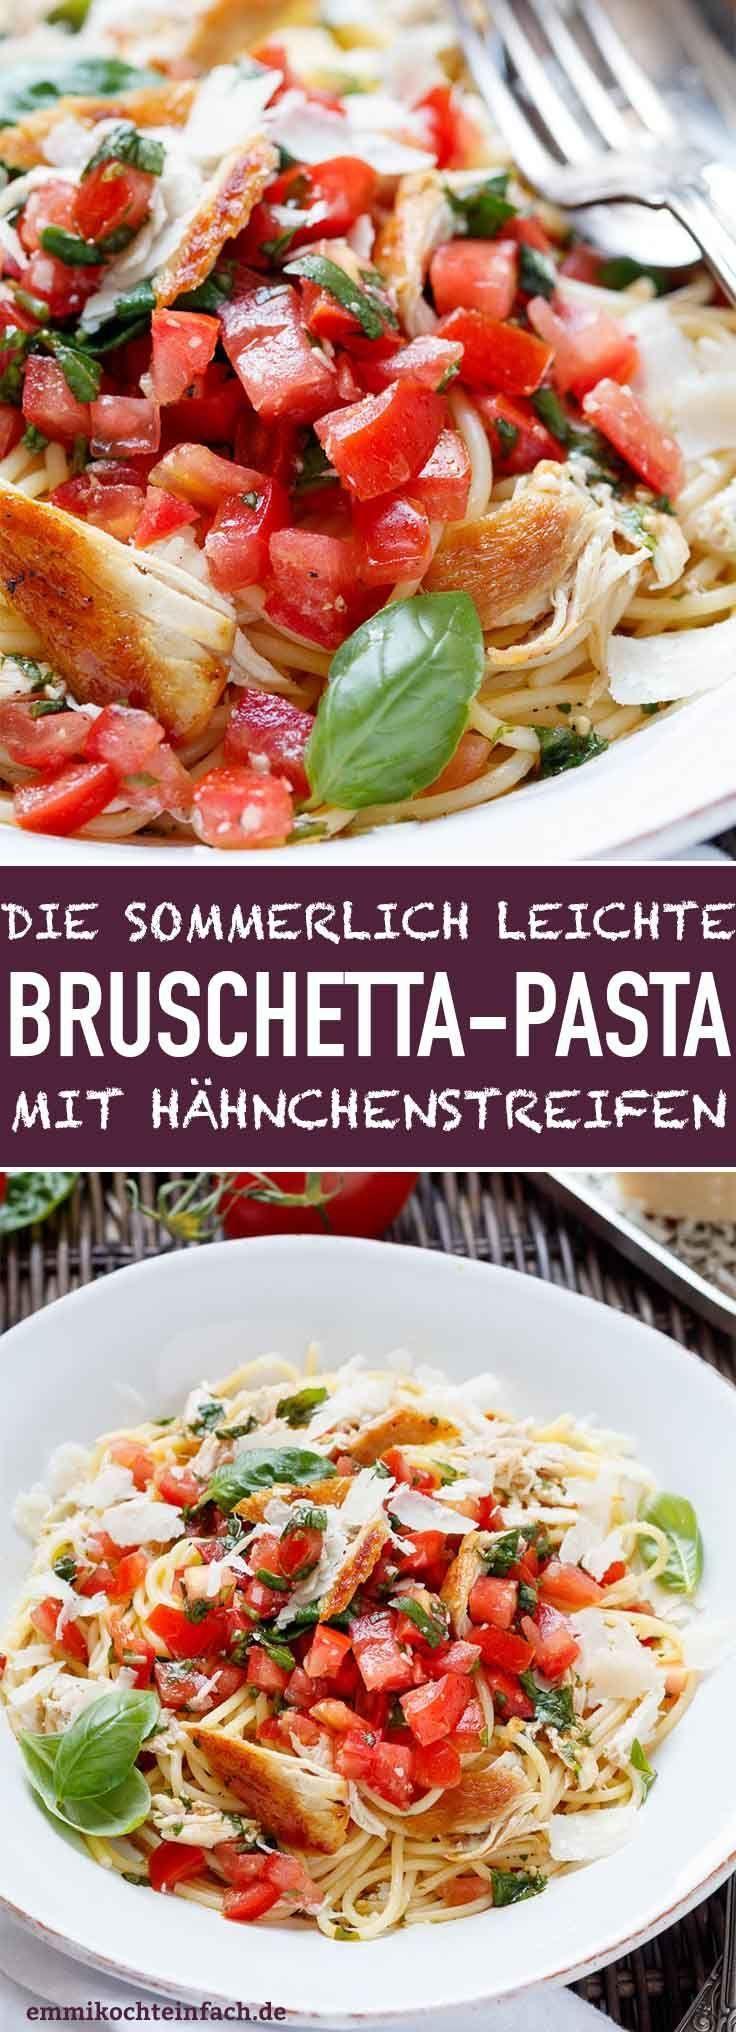 Bruschetta Pasta mit Hähnchenstreifen - emmikochteinfach